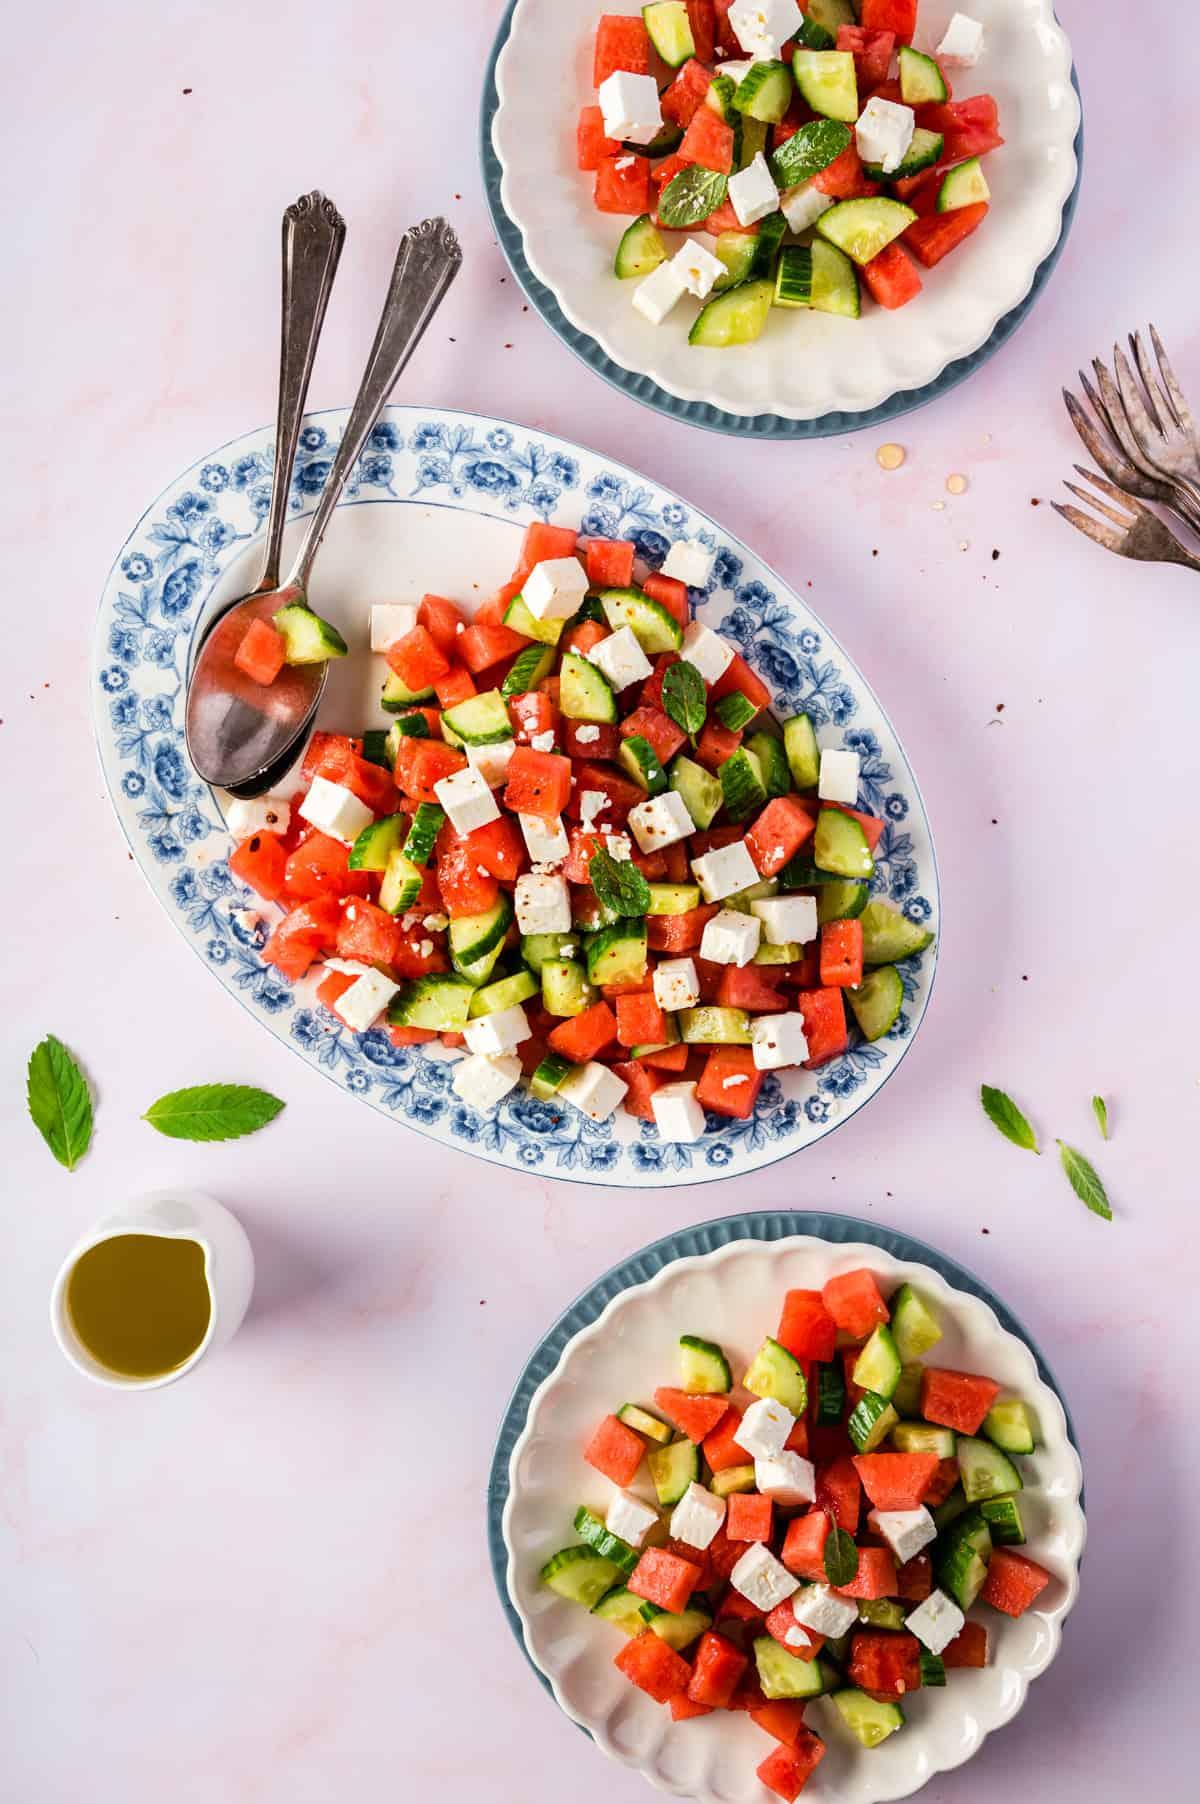 Ovale Schale mit Wassermelonensalat und zwei helle Teller, flatlay